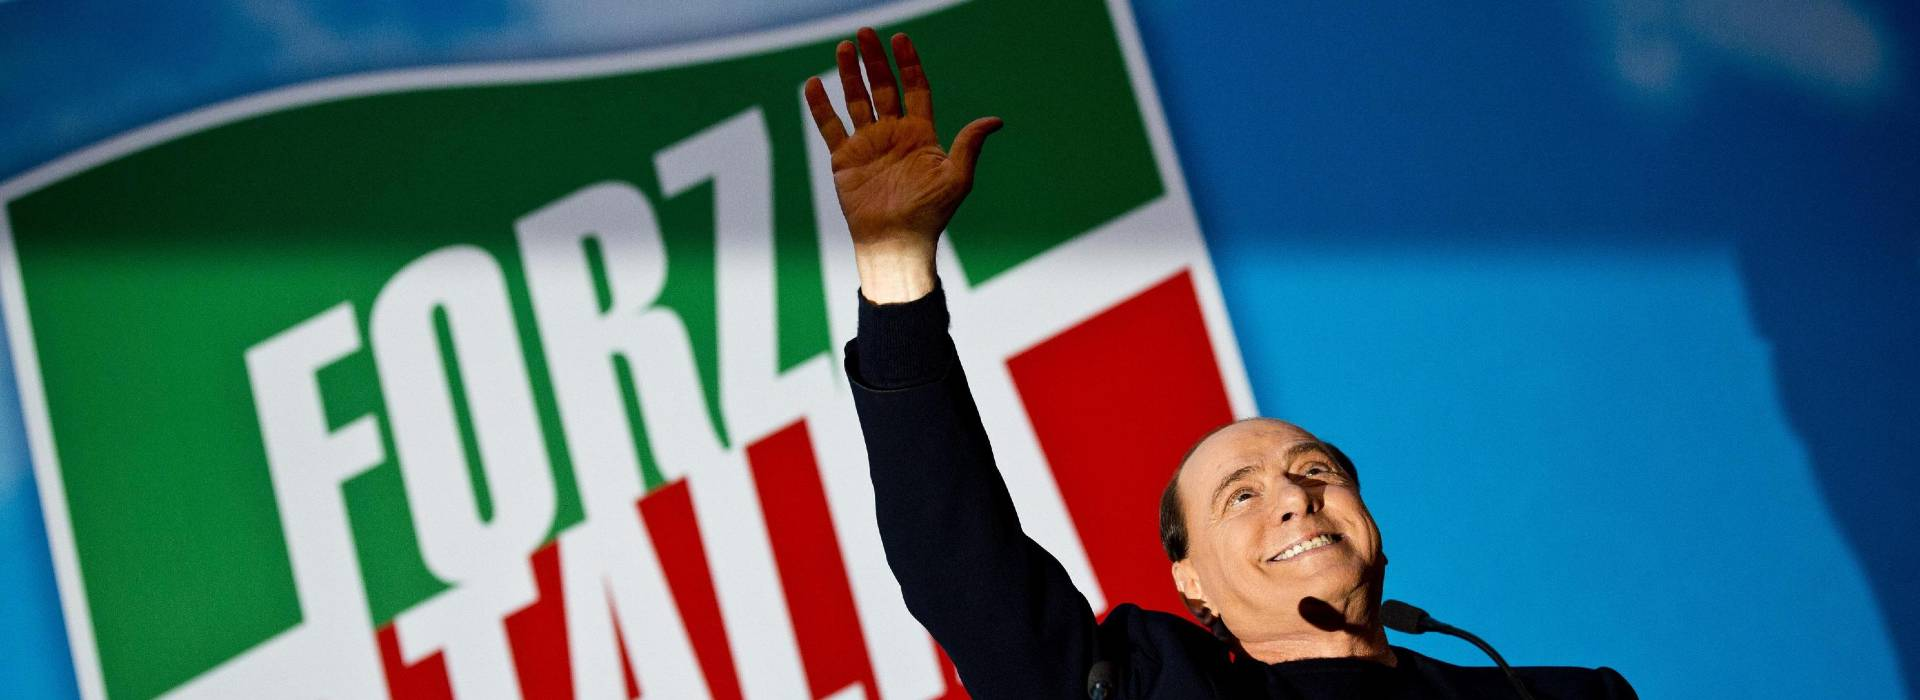 Berlusconi e il processo politico: l'occupazione del tribunale di Milano